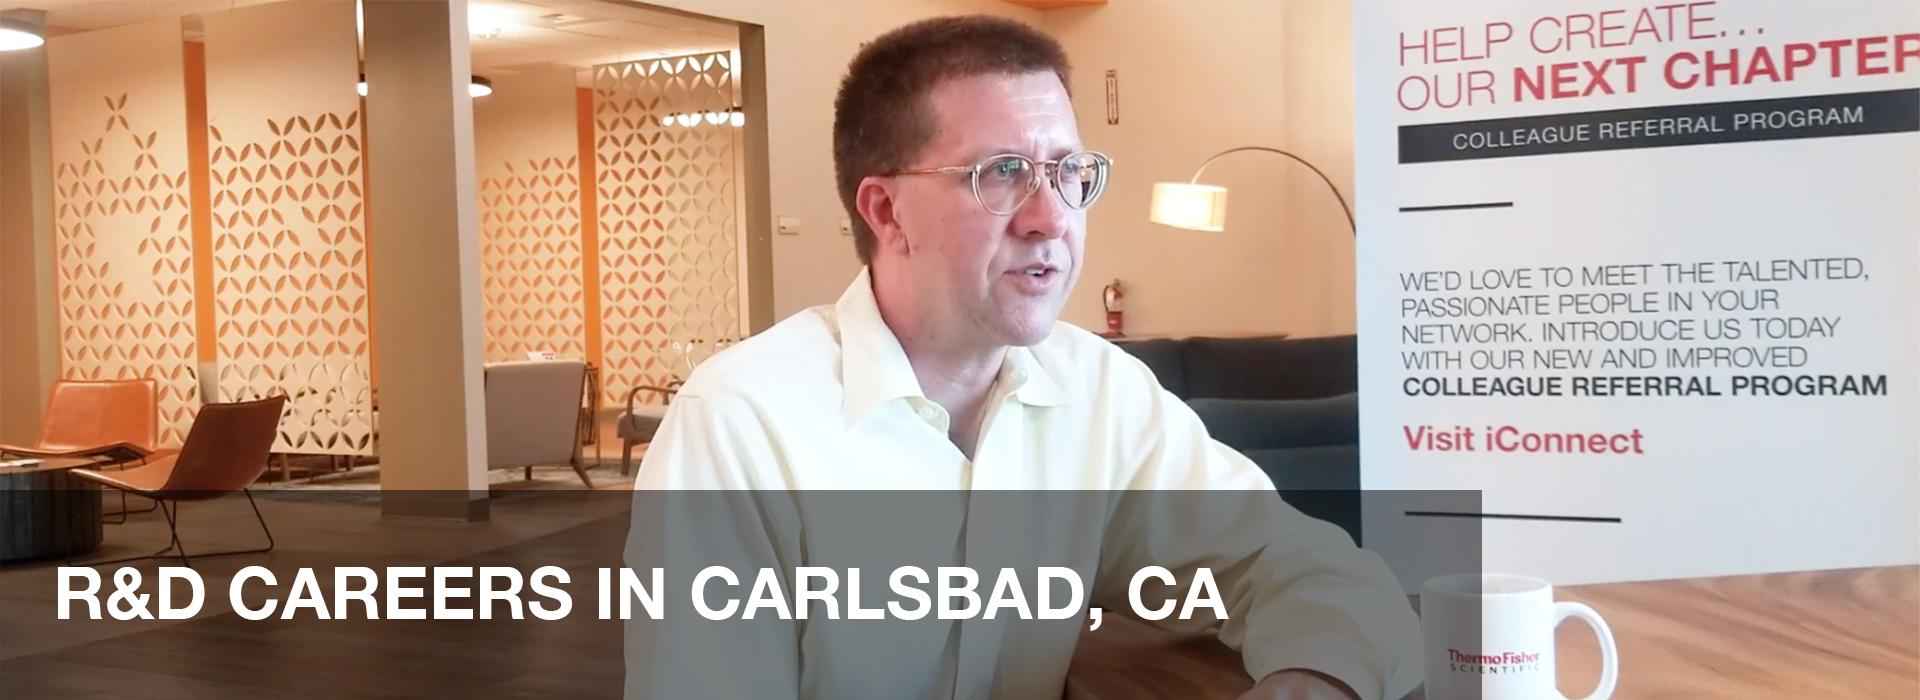 CARRIÈRES EN R&D À CARLSBAD, EN CALIFORNIE